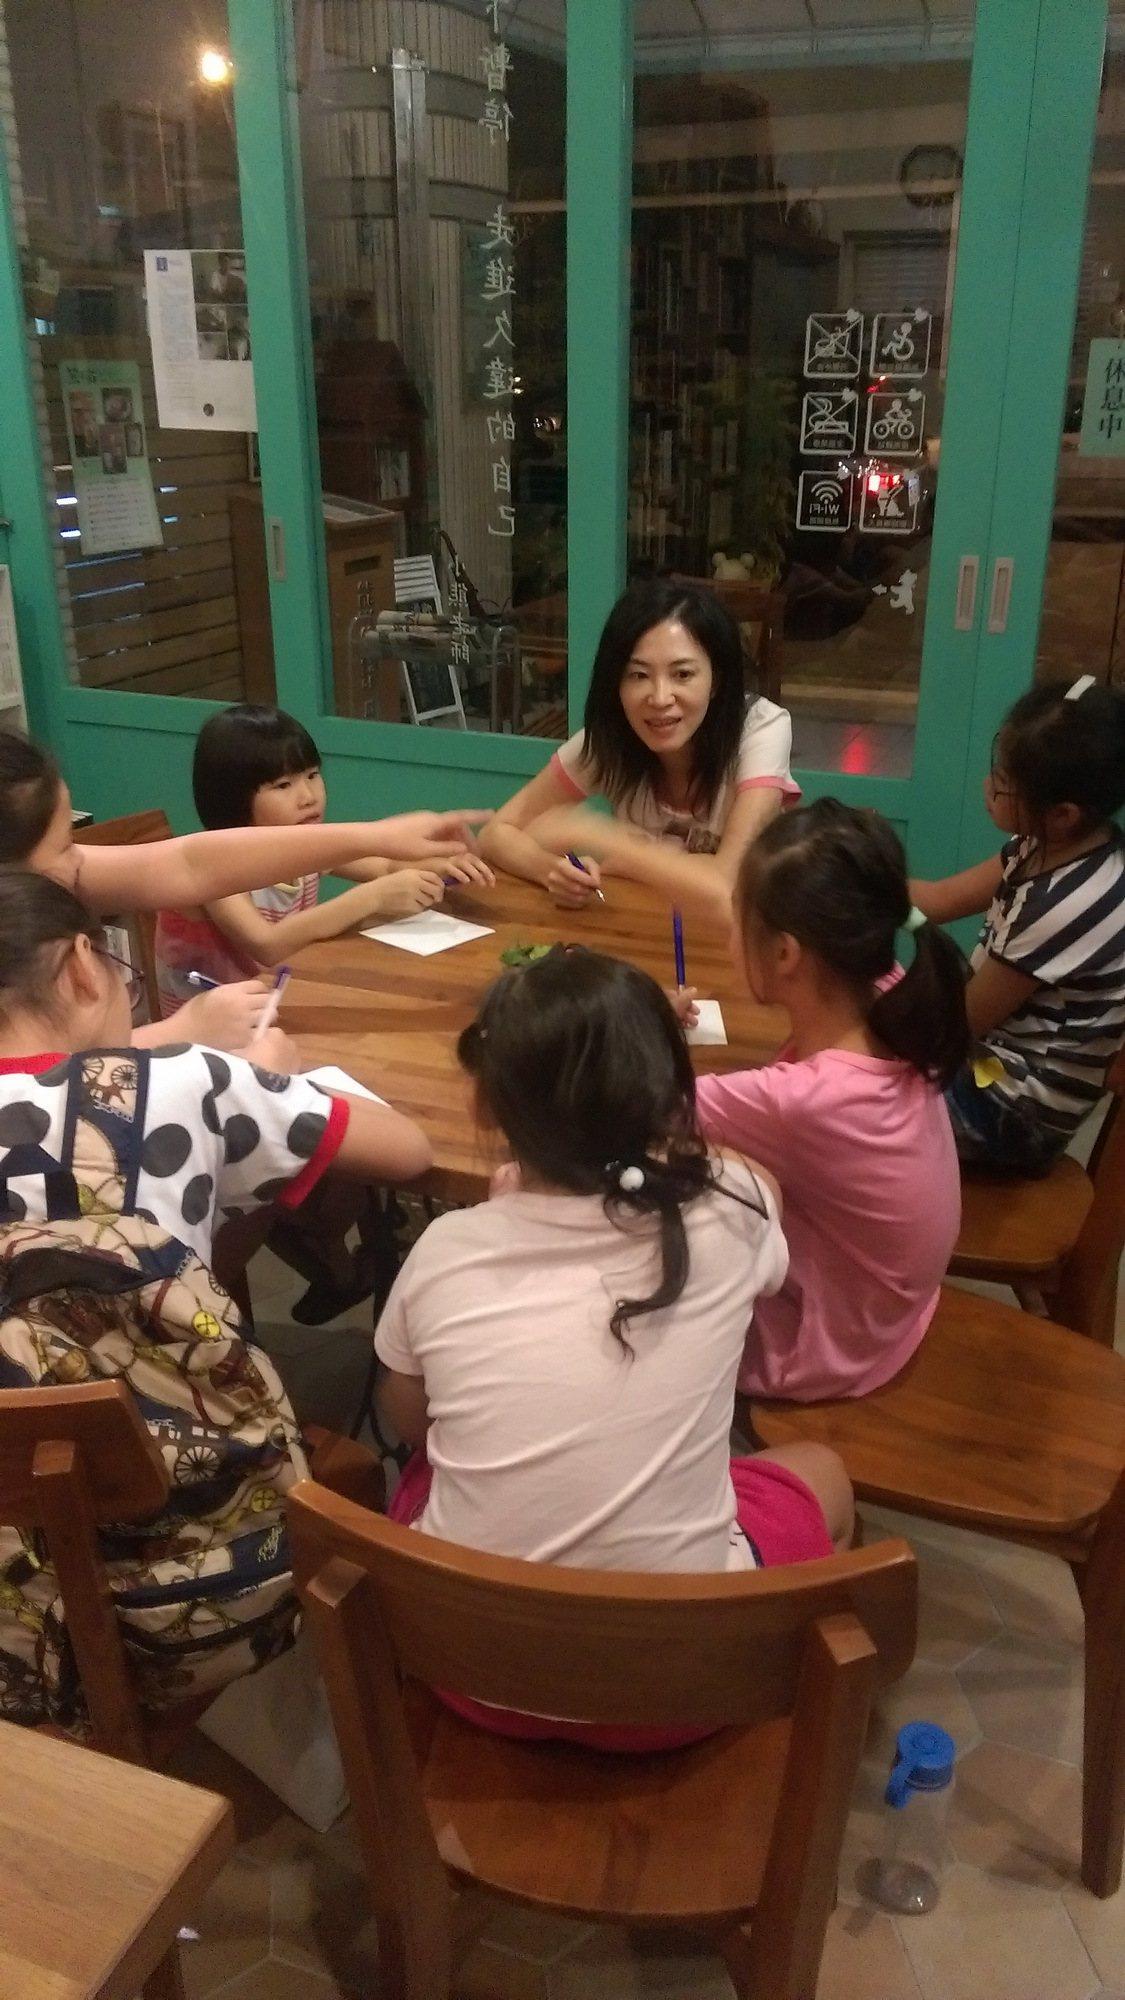 舉辦社區寫作門診,服務蘭生街學童。 圖/熊與貓咖啡書房提供